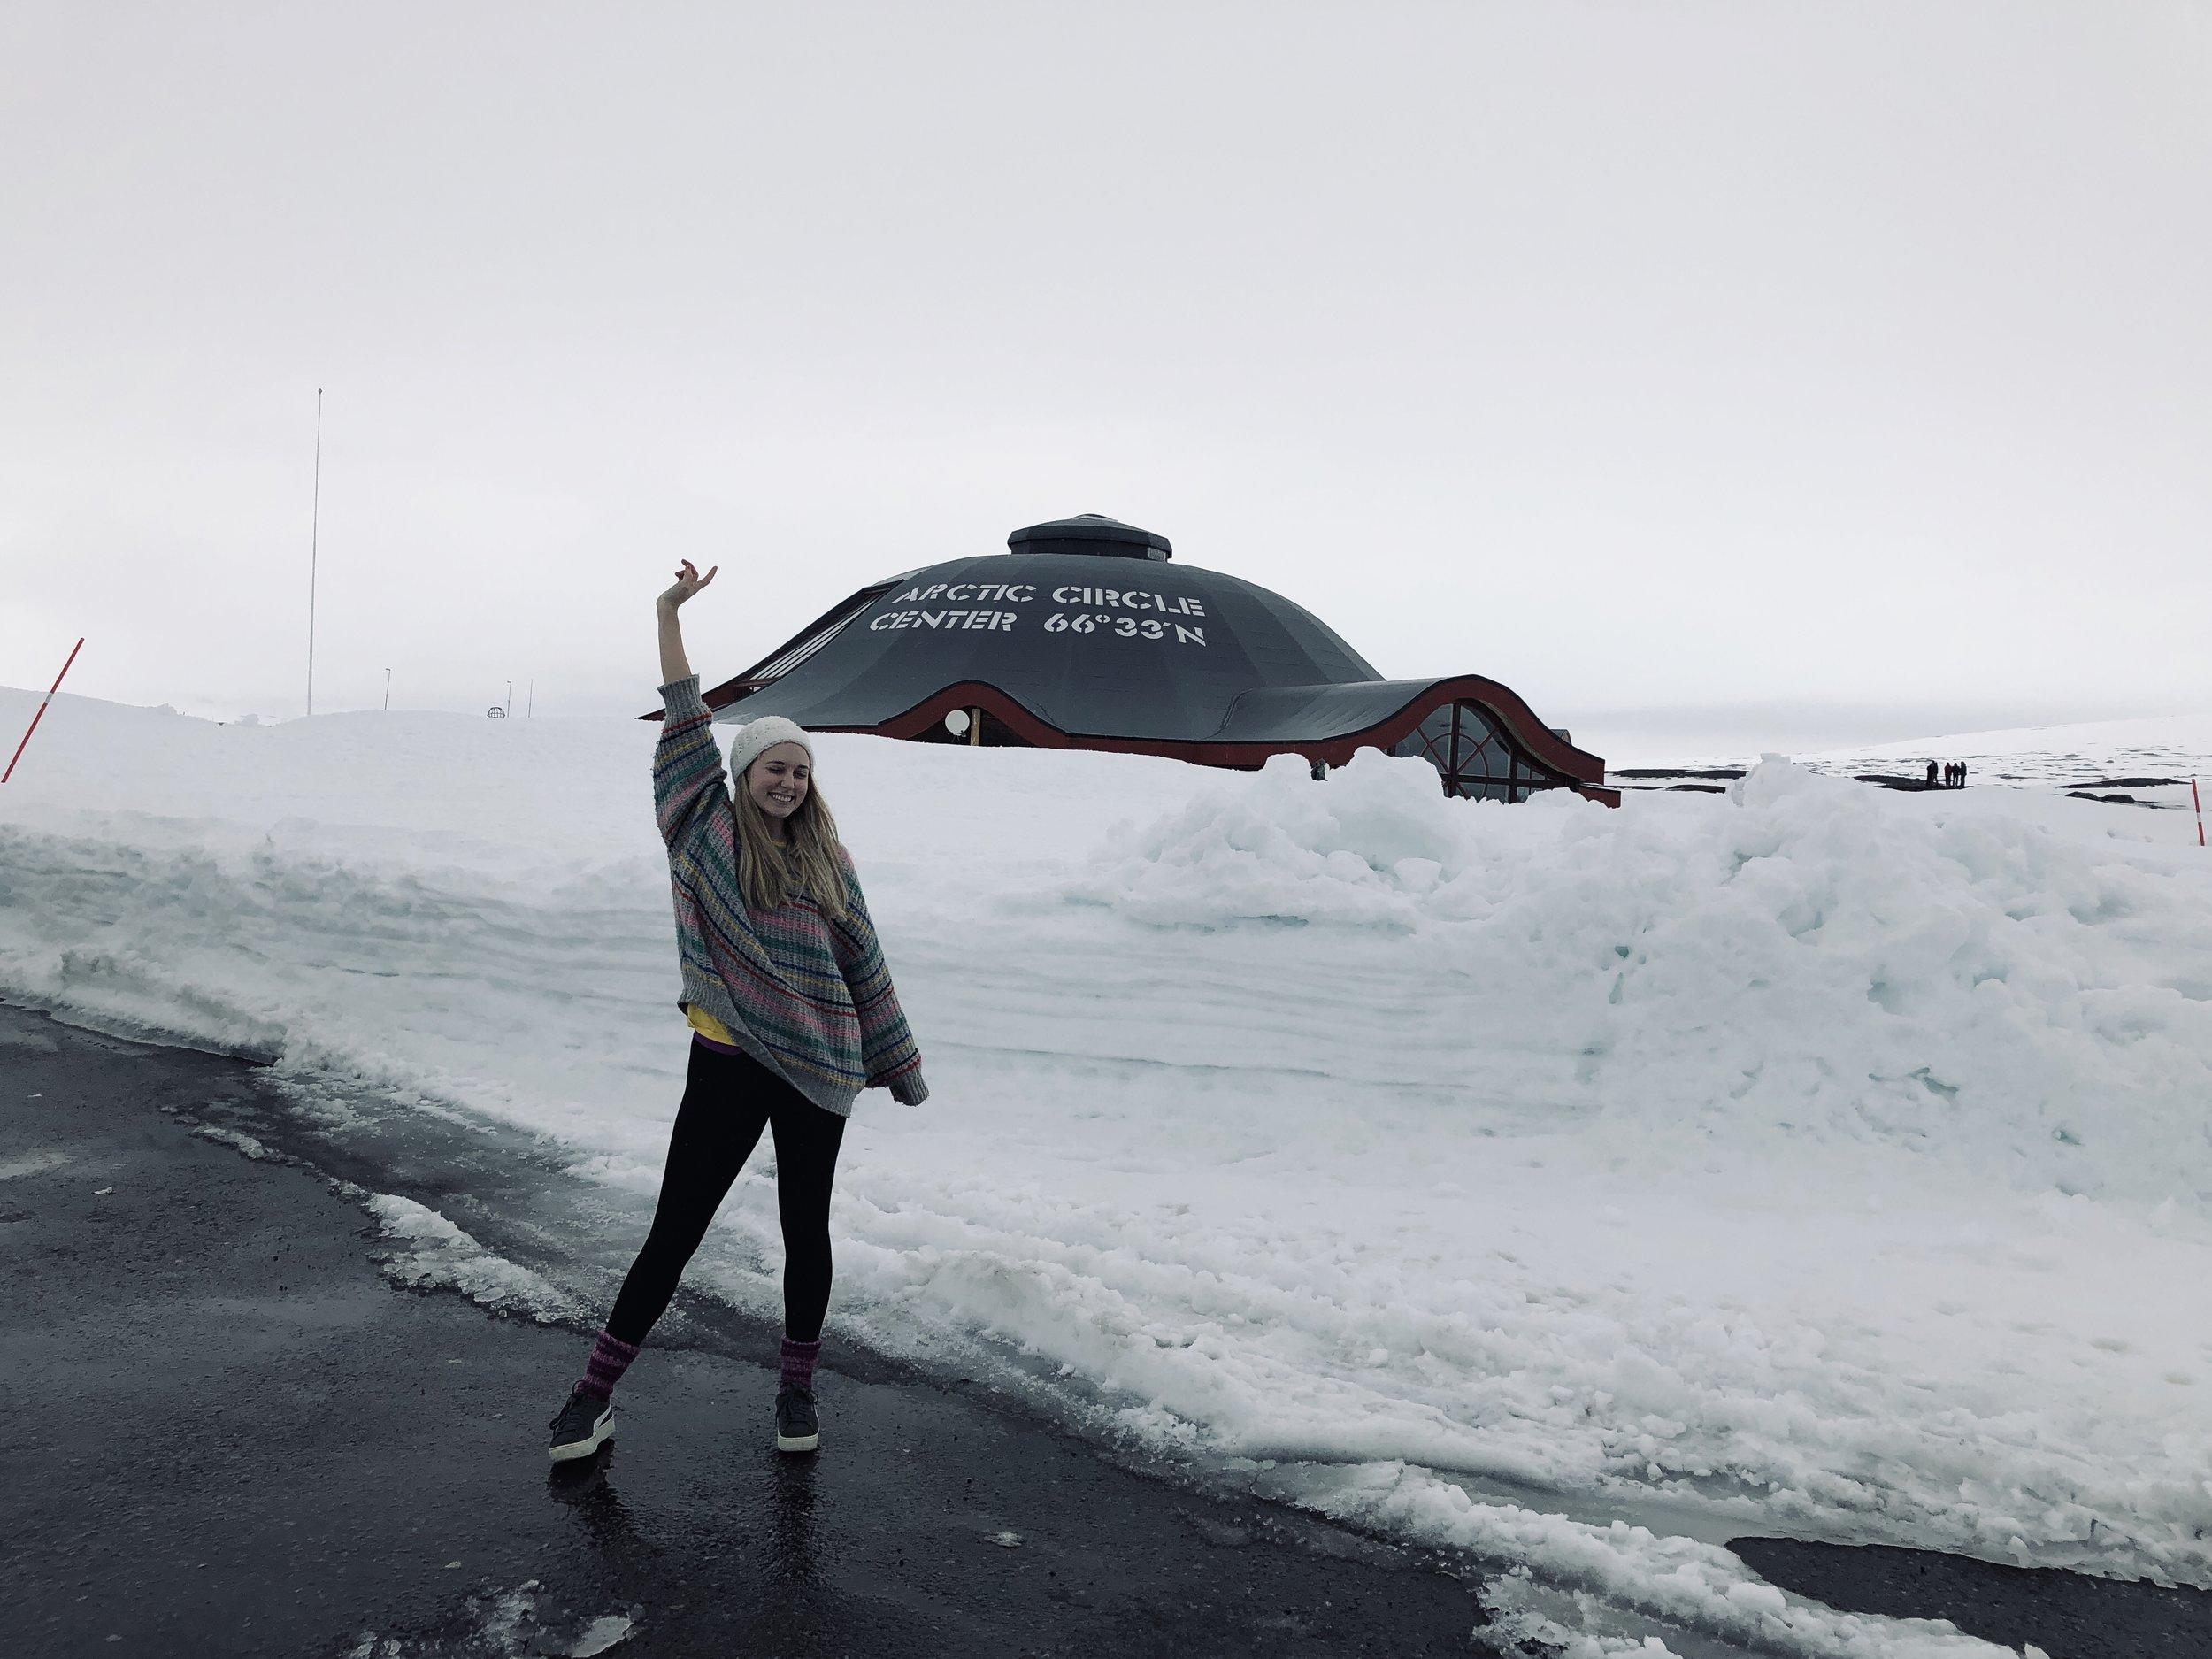 norge+road trip+lofoten+polarcirkeln